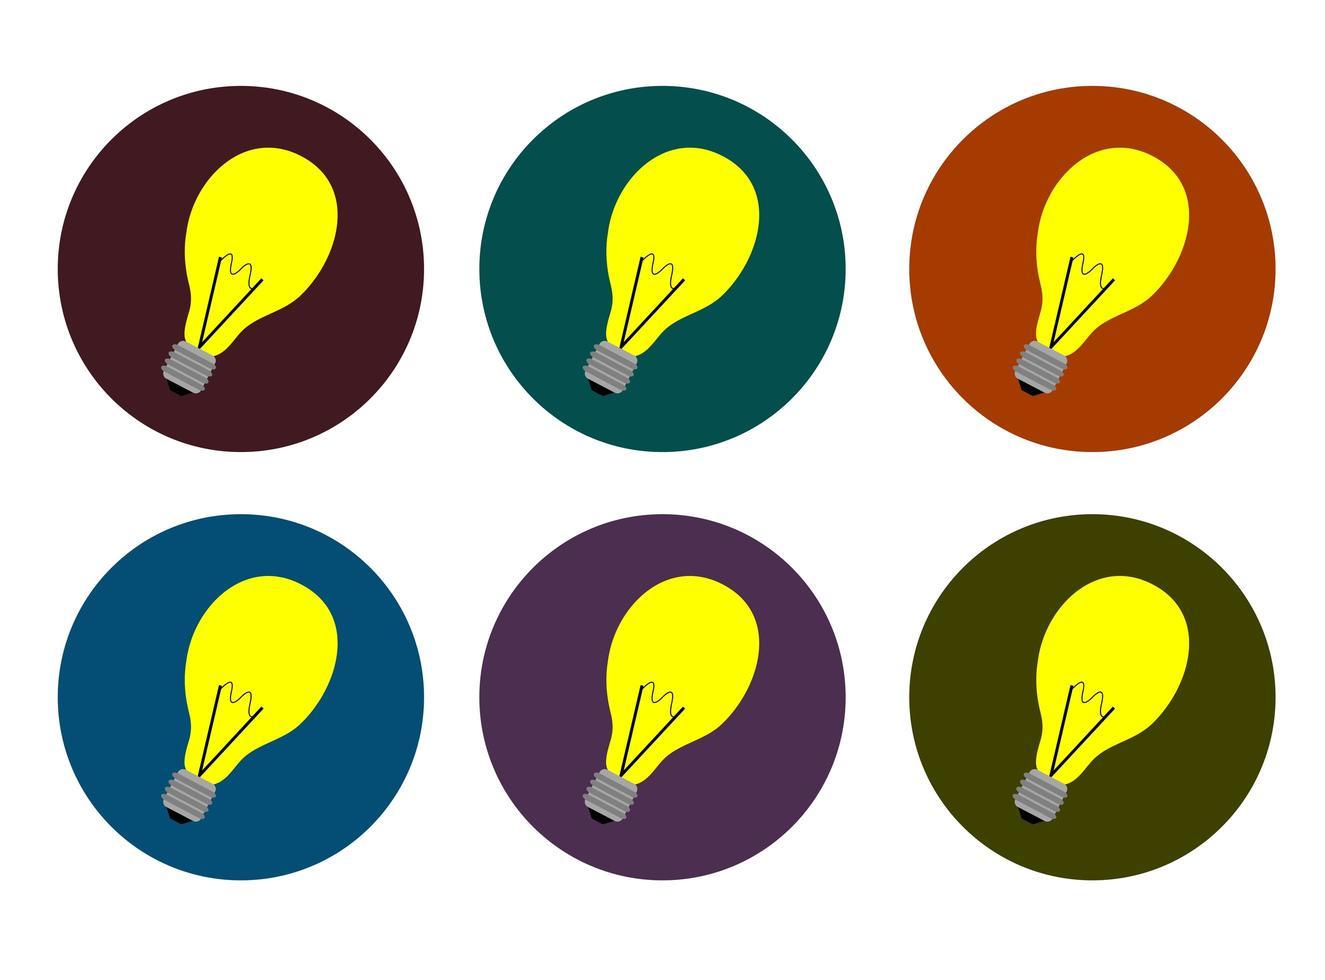 conjunto de iconos de lámpara de estilo plano vector